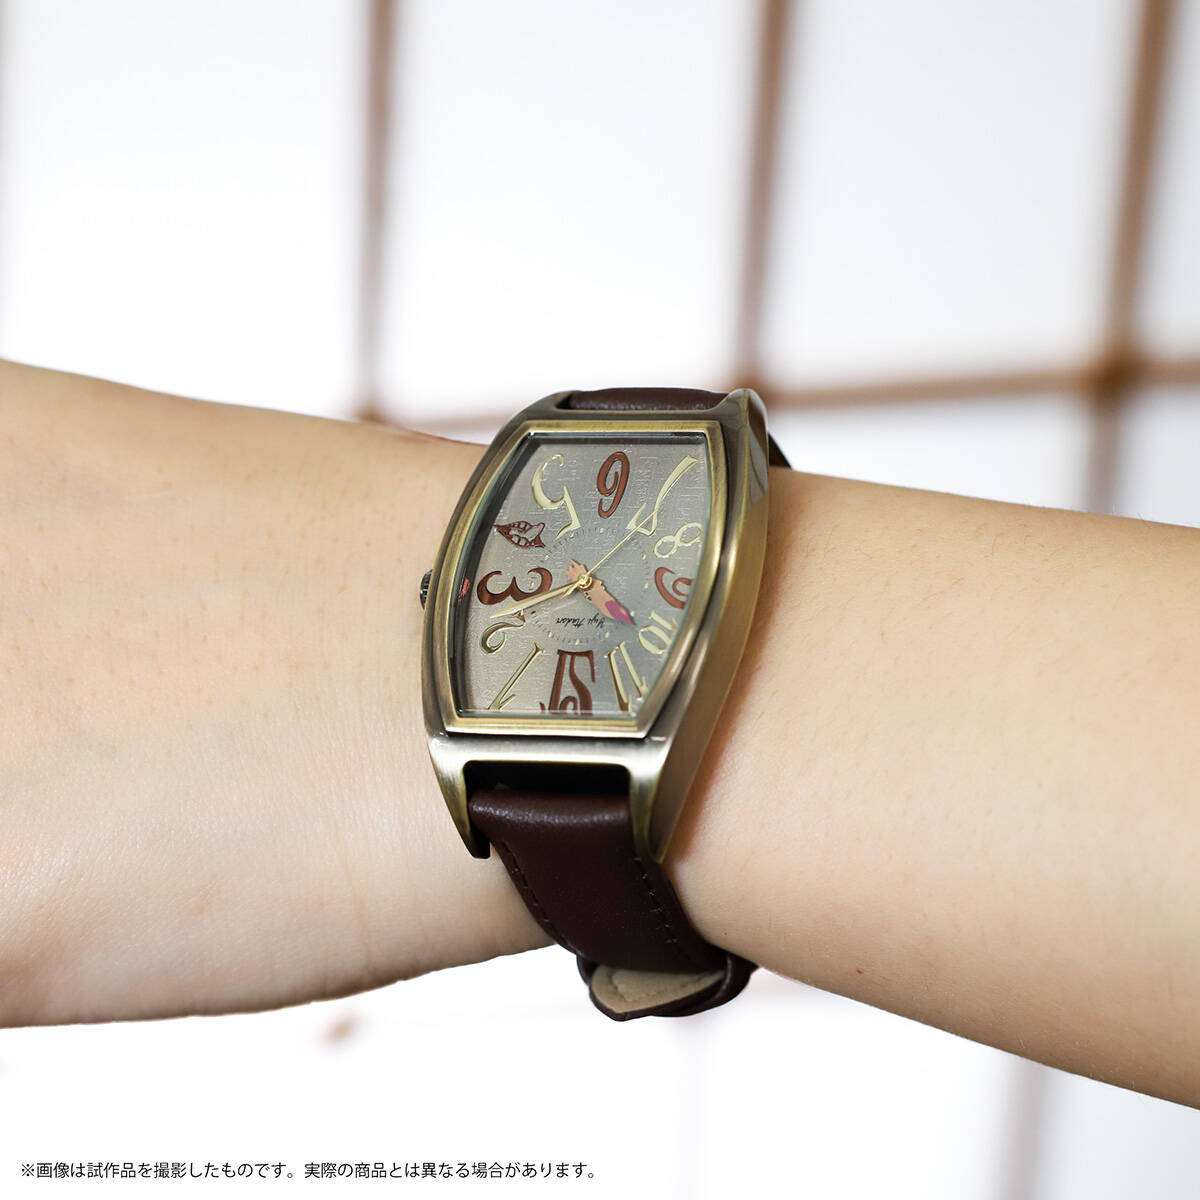 『呪術廻戦』完全受注生産の腕時計が登場! 虎杖、伏黒、釘崎、五条の普段使いしやすいデザイン